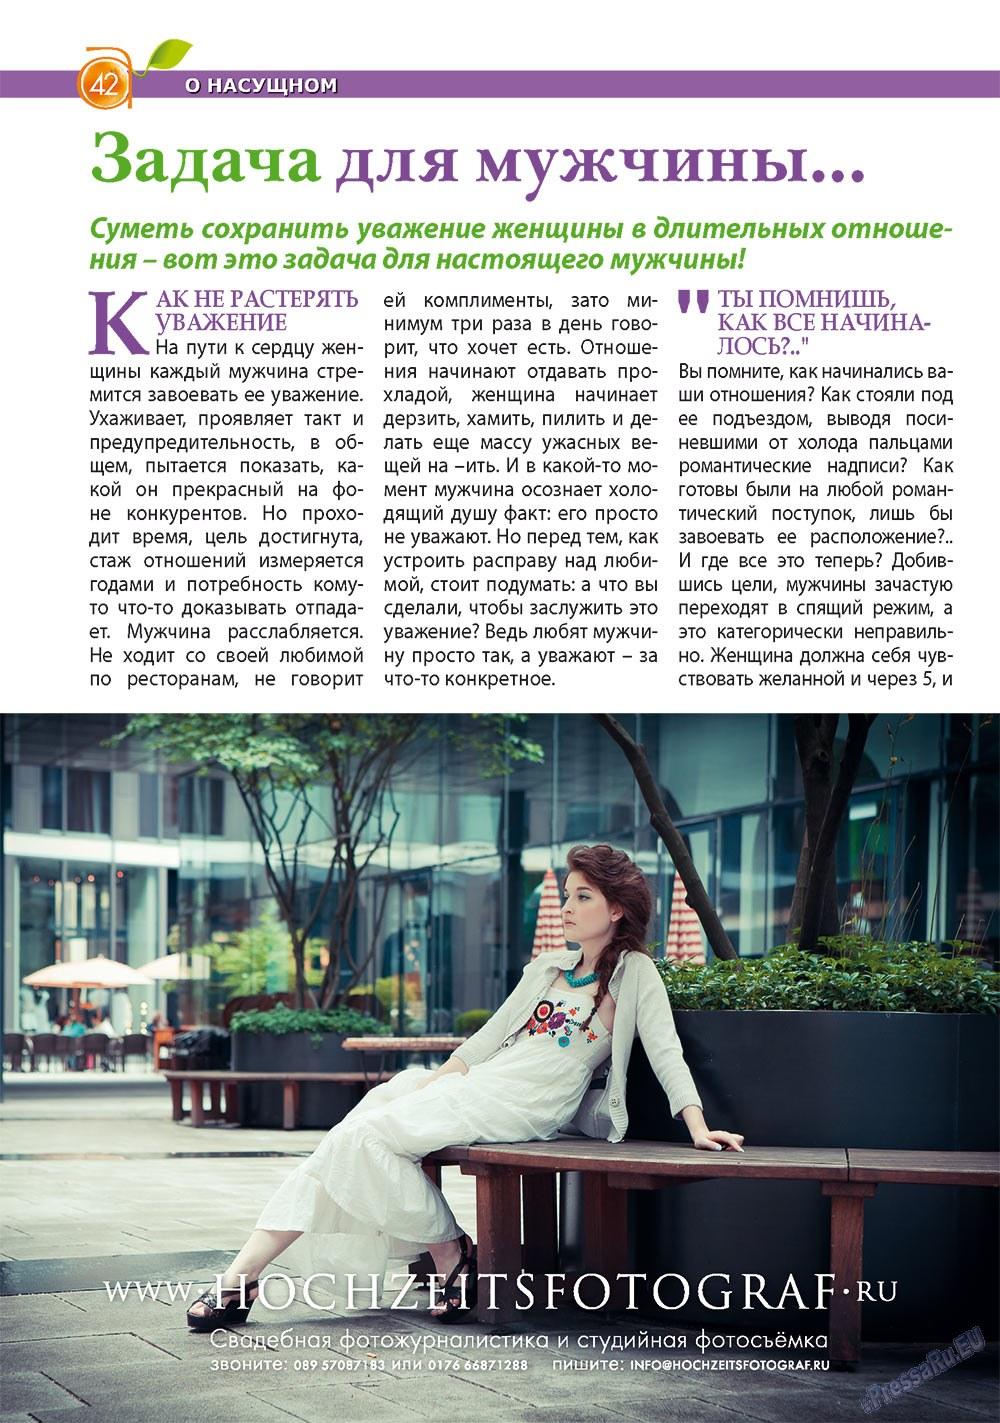 Апельсин (журнал). 2011 год, номер 27, стр. 42